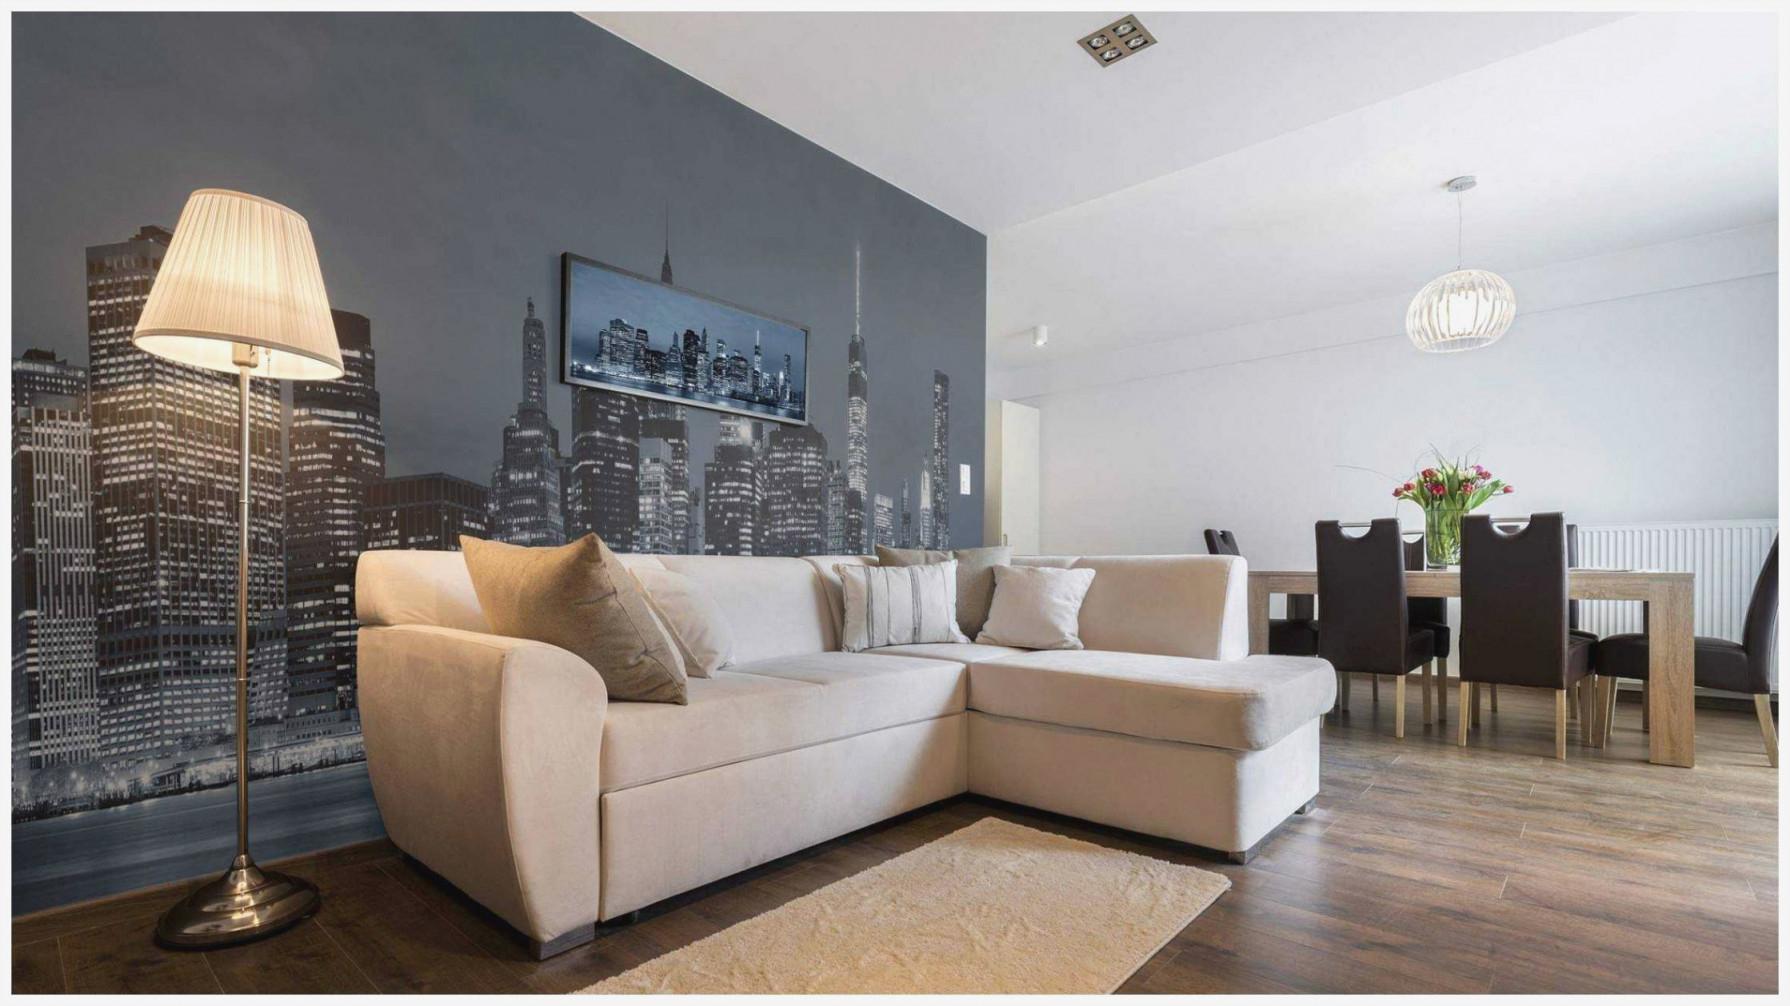 Wohnzimmer Inneneinrichtung Ideen  Wohnzimmer  Traumhaus von Inneneinrichtung Ideen Wohnzimmer Bild